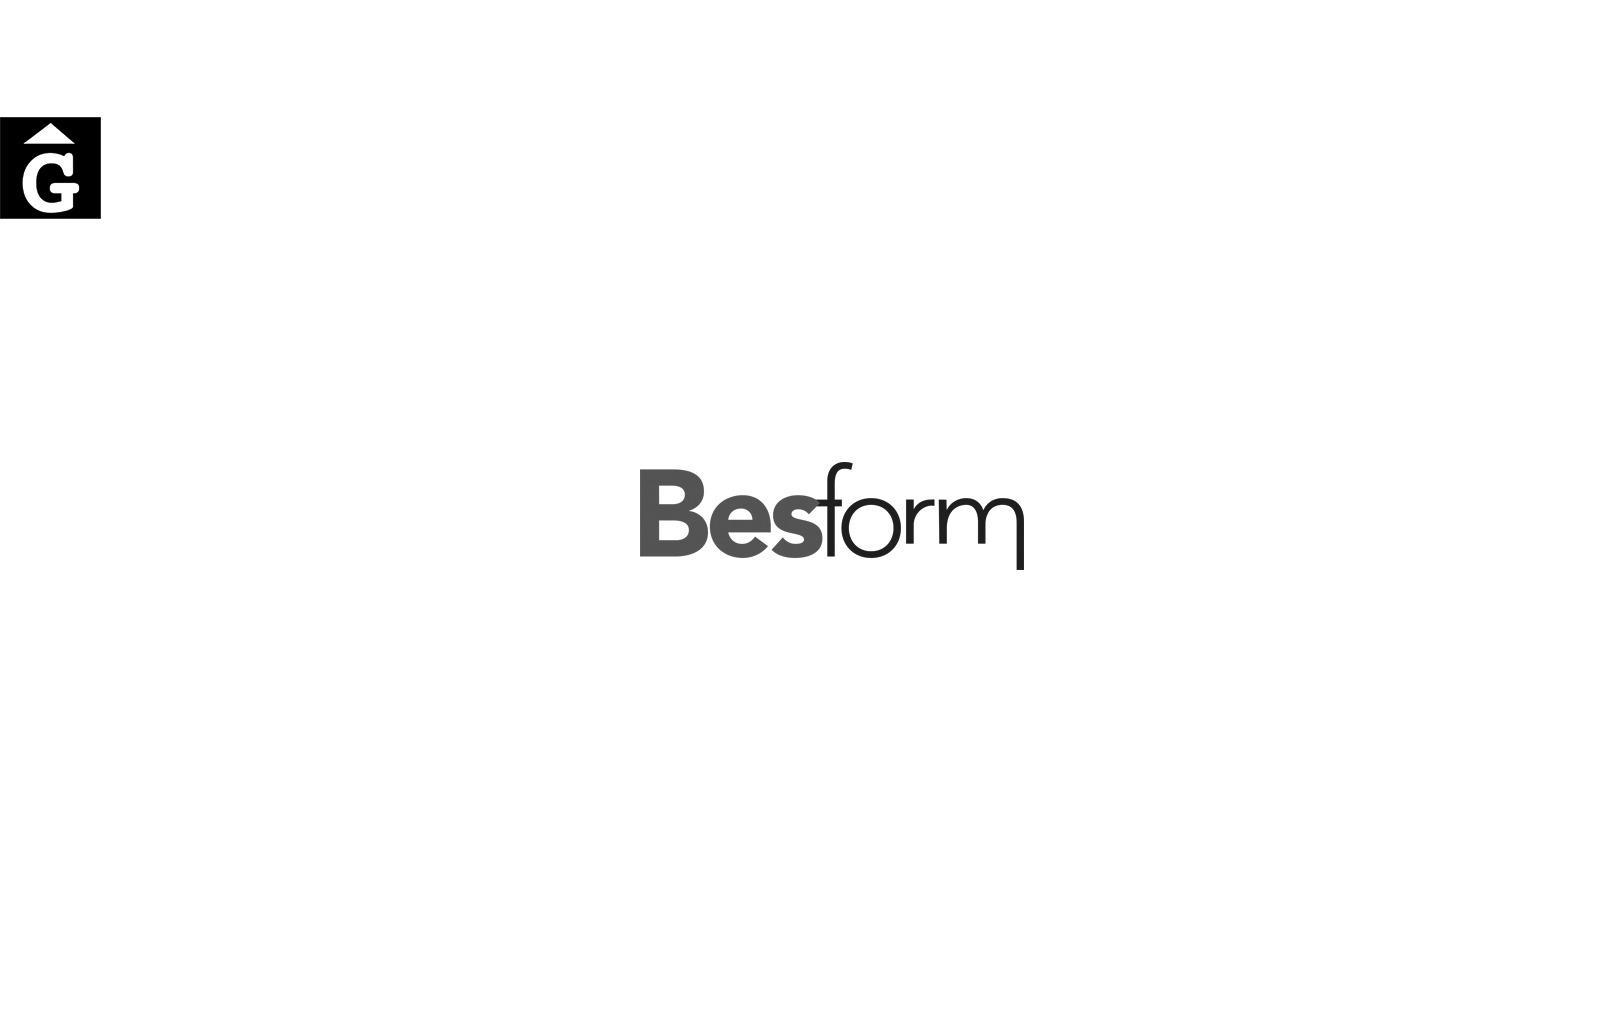 Besform és una marca de la nostra botiga mobles Gifreu